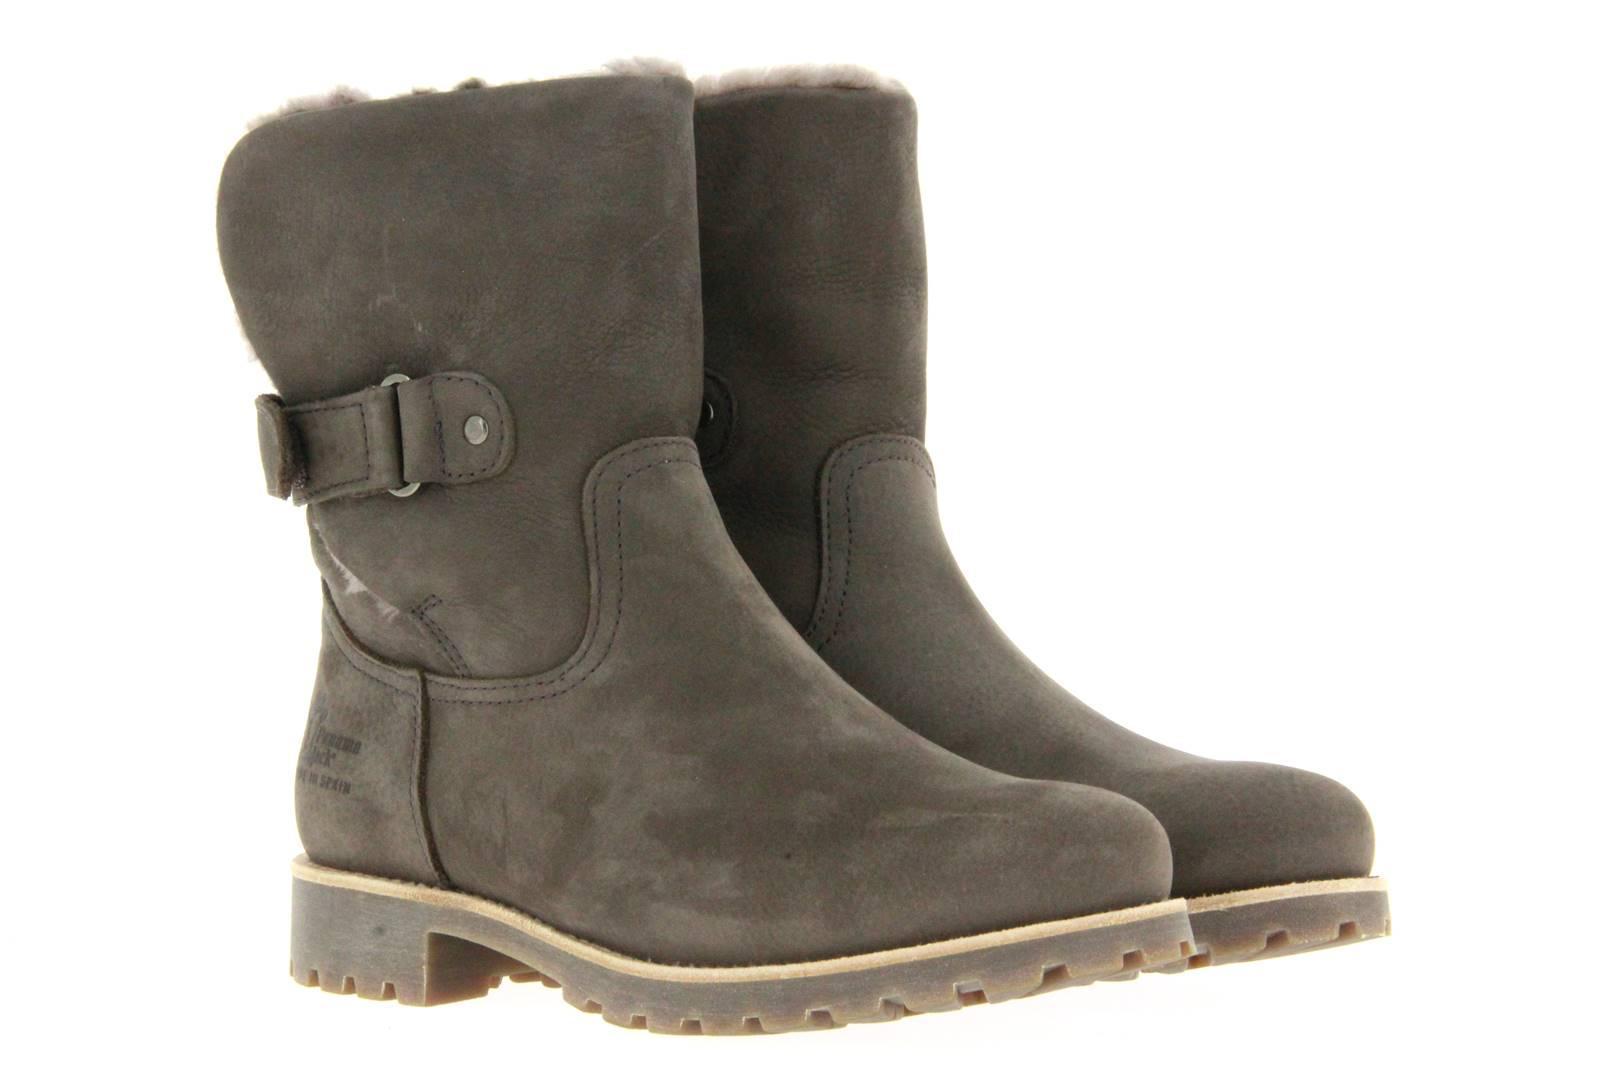 Panama Jack ankle boots Felia Igloo B7